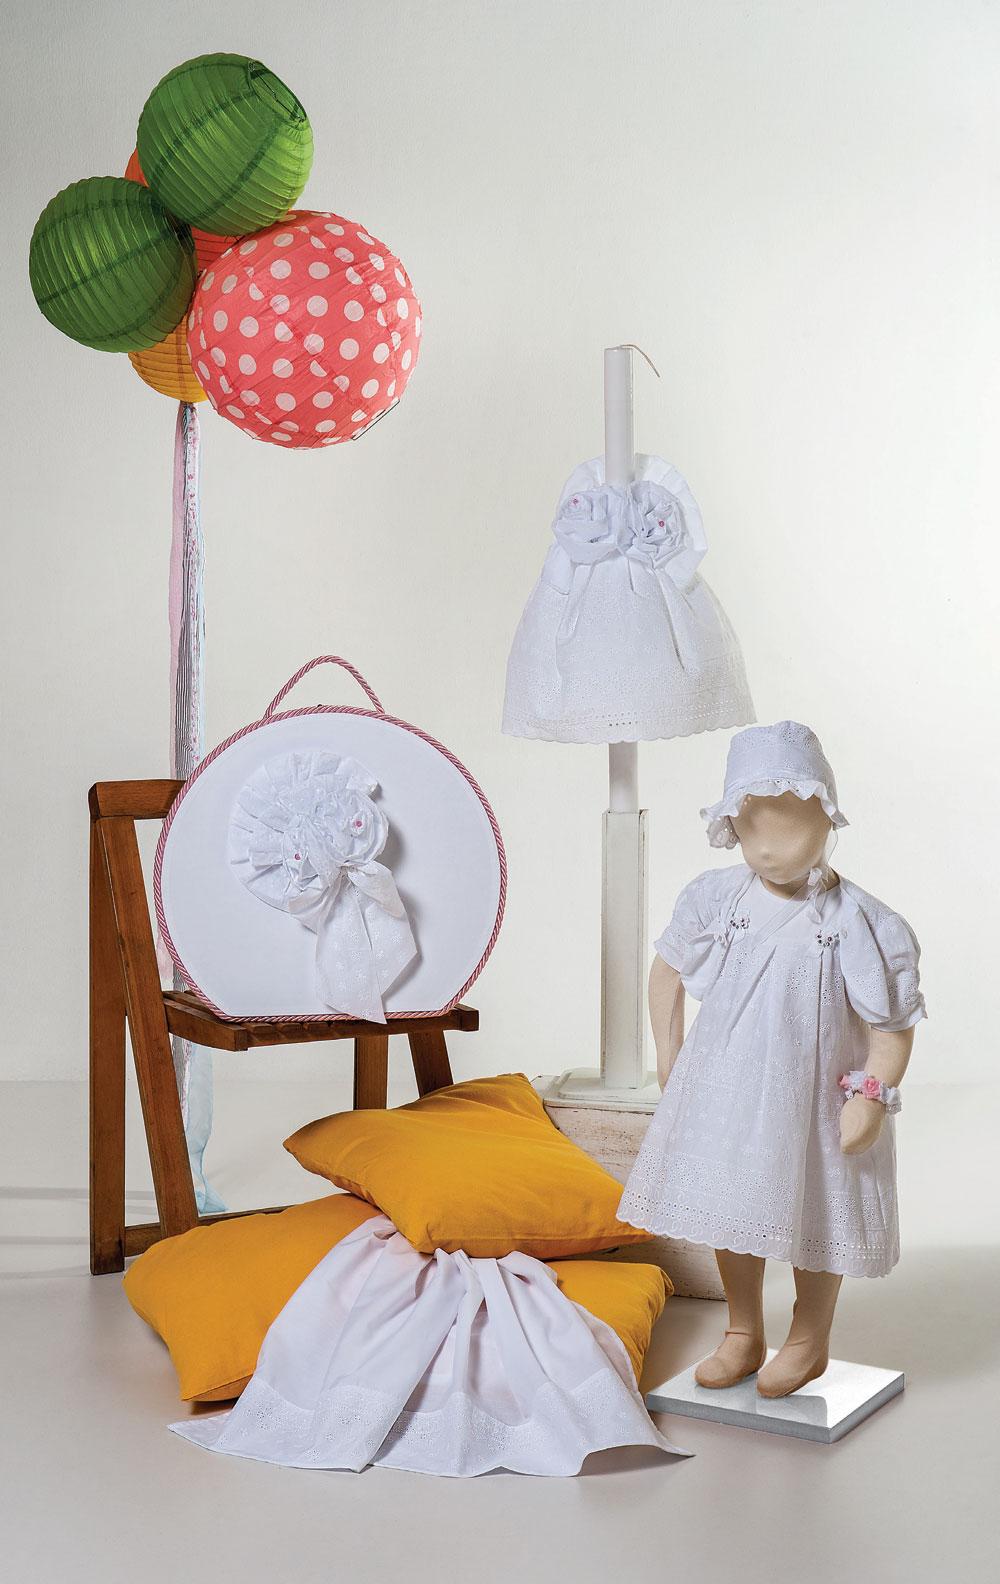 1421 - φορεματάκι μπροντερί διακοσμημένο με μικρές πεταλούδες και swarowski